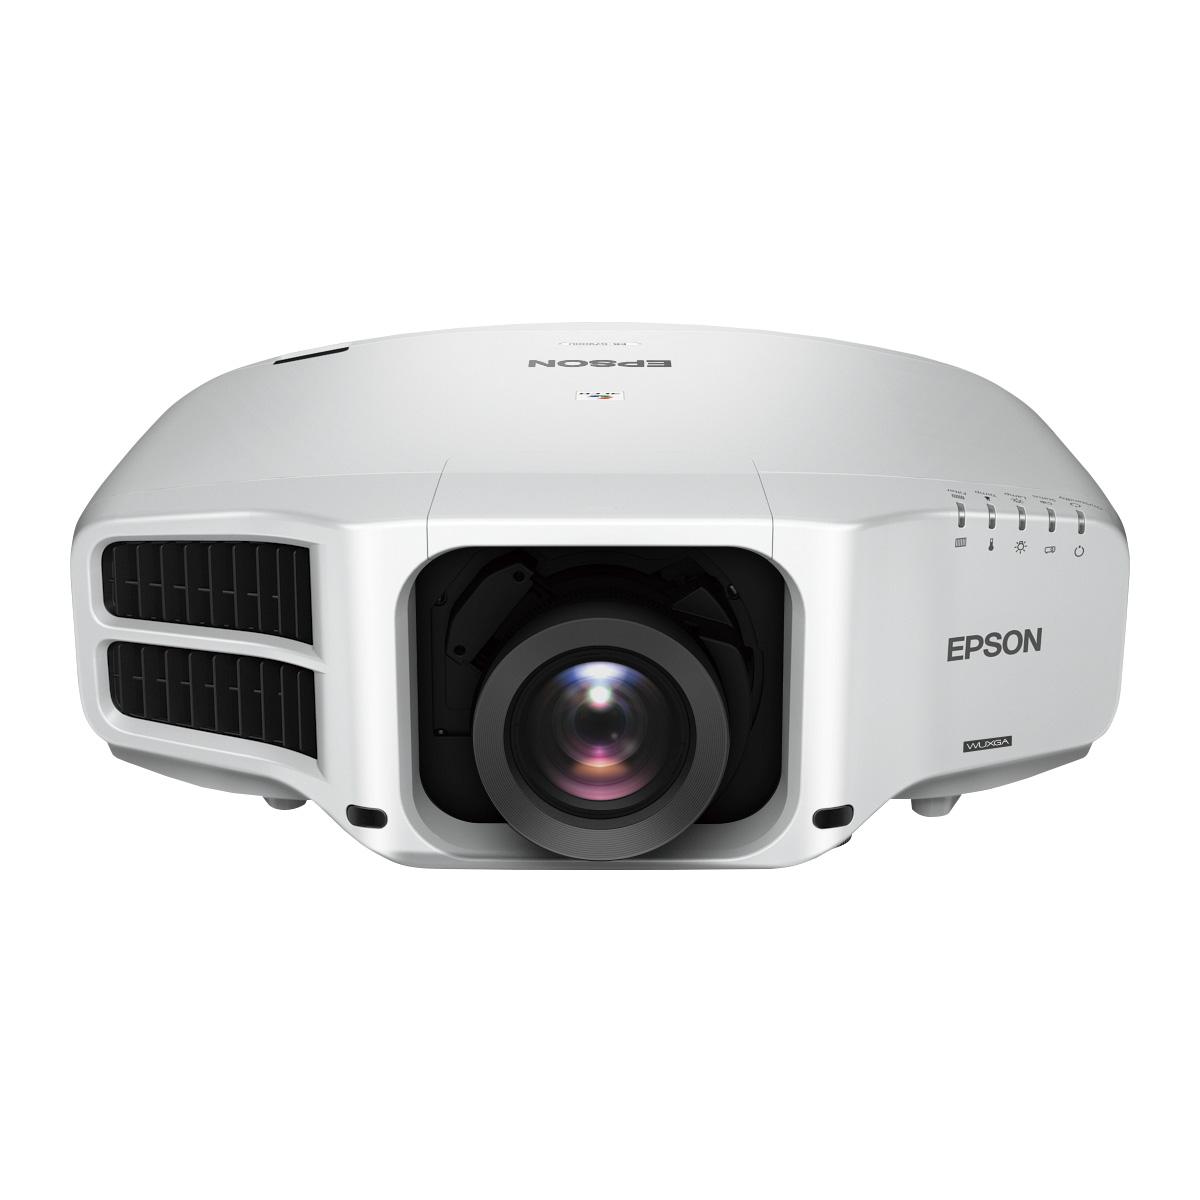 Epson eb g7900u vid oprojecteur epson sur ldlc - Support plafond videoprojecteur epson ...